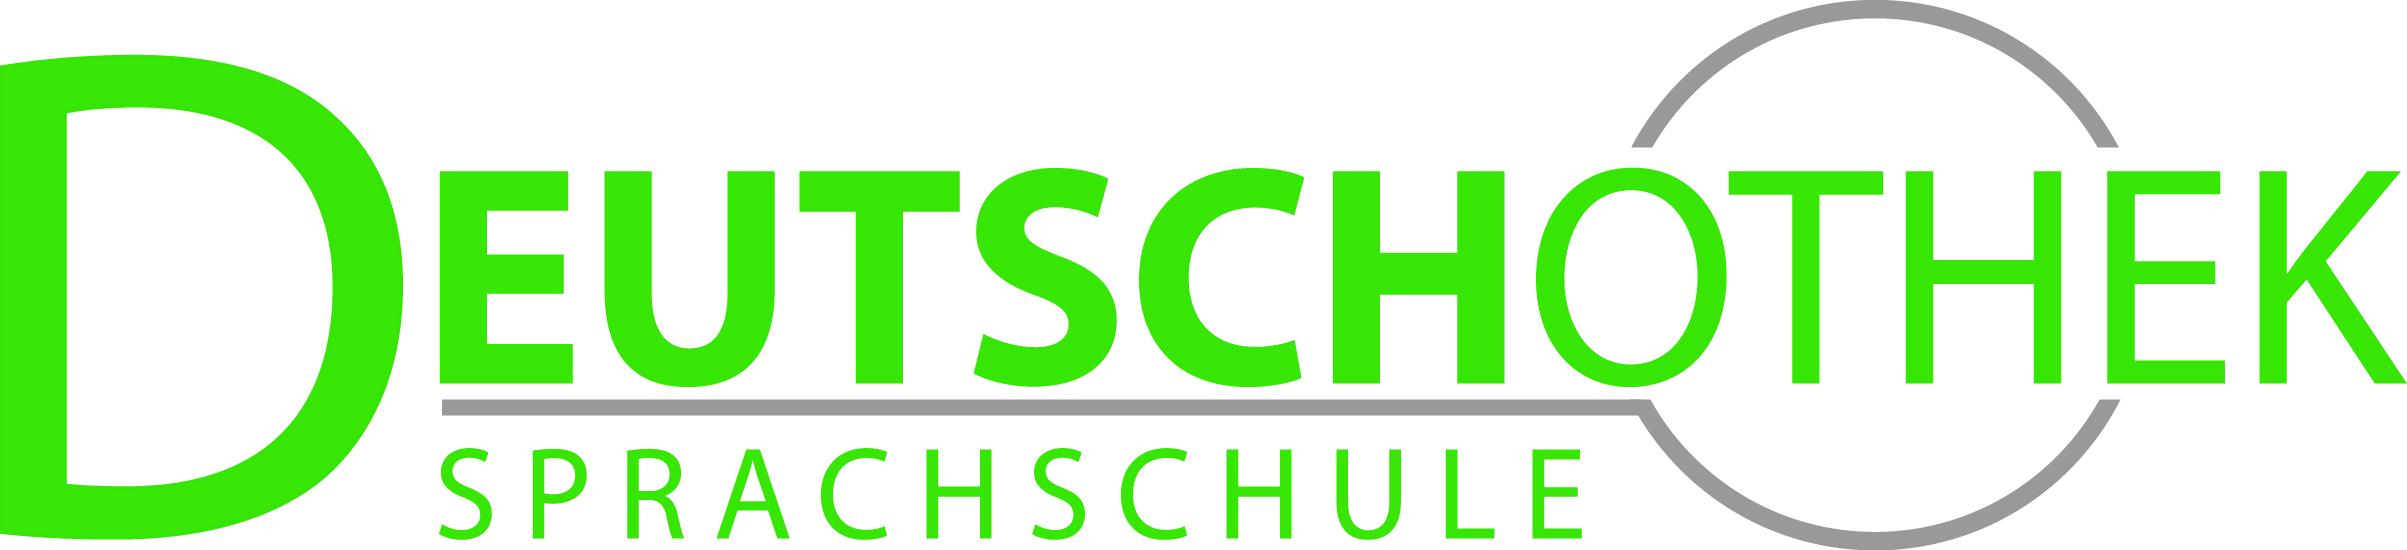 Deutschothek Sprachschule e.U.